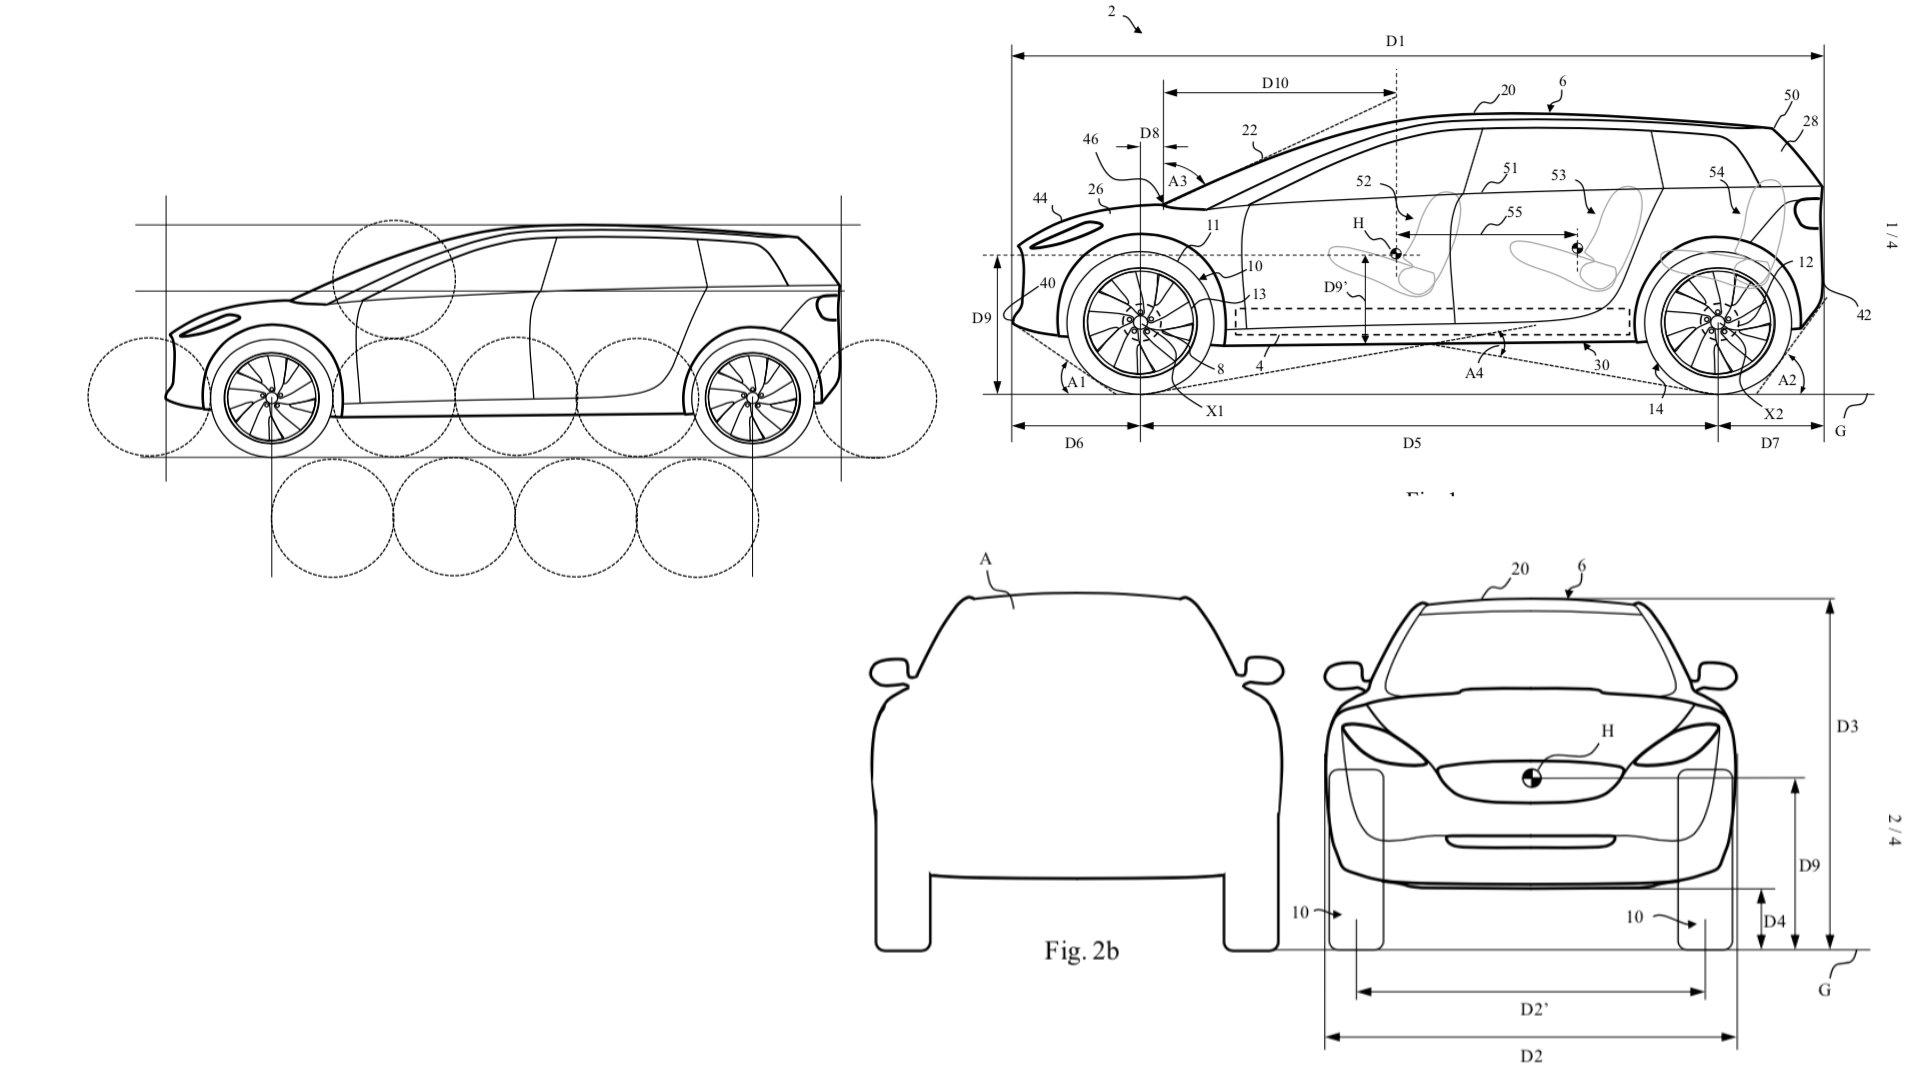 Dyson annule son projet de voiture électrique